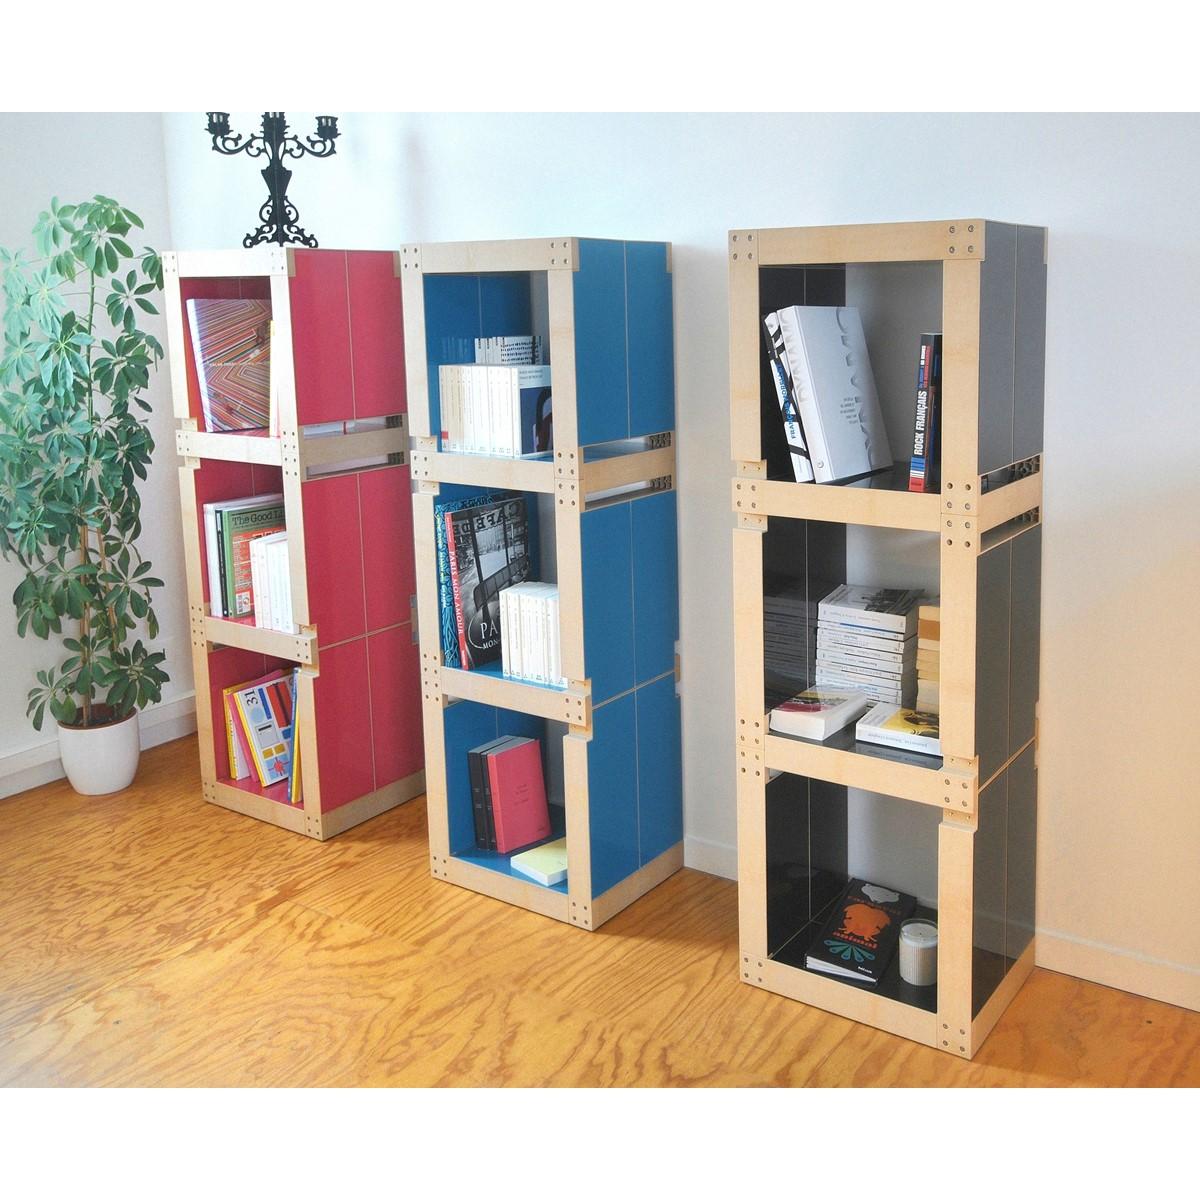 Biblioth que colonne modulable bleu p trole en bois polym re fabulem - Cube bibliotheque modulable ...